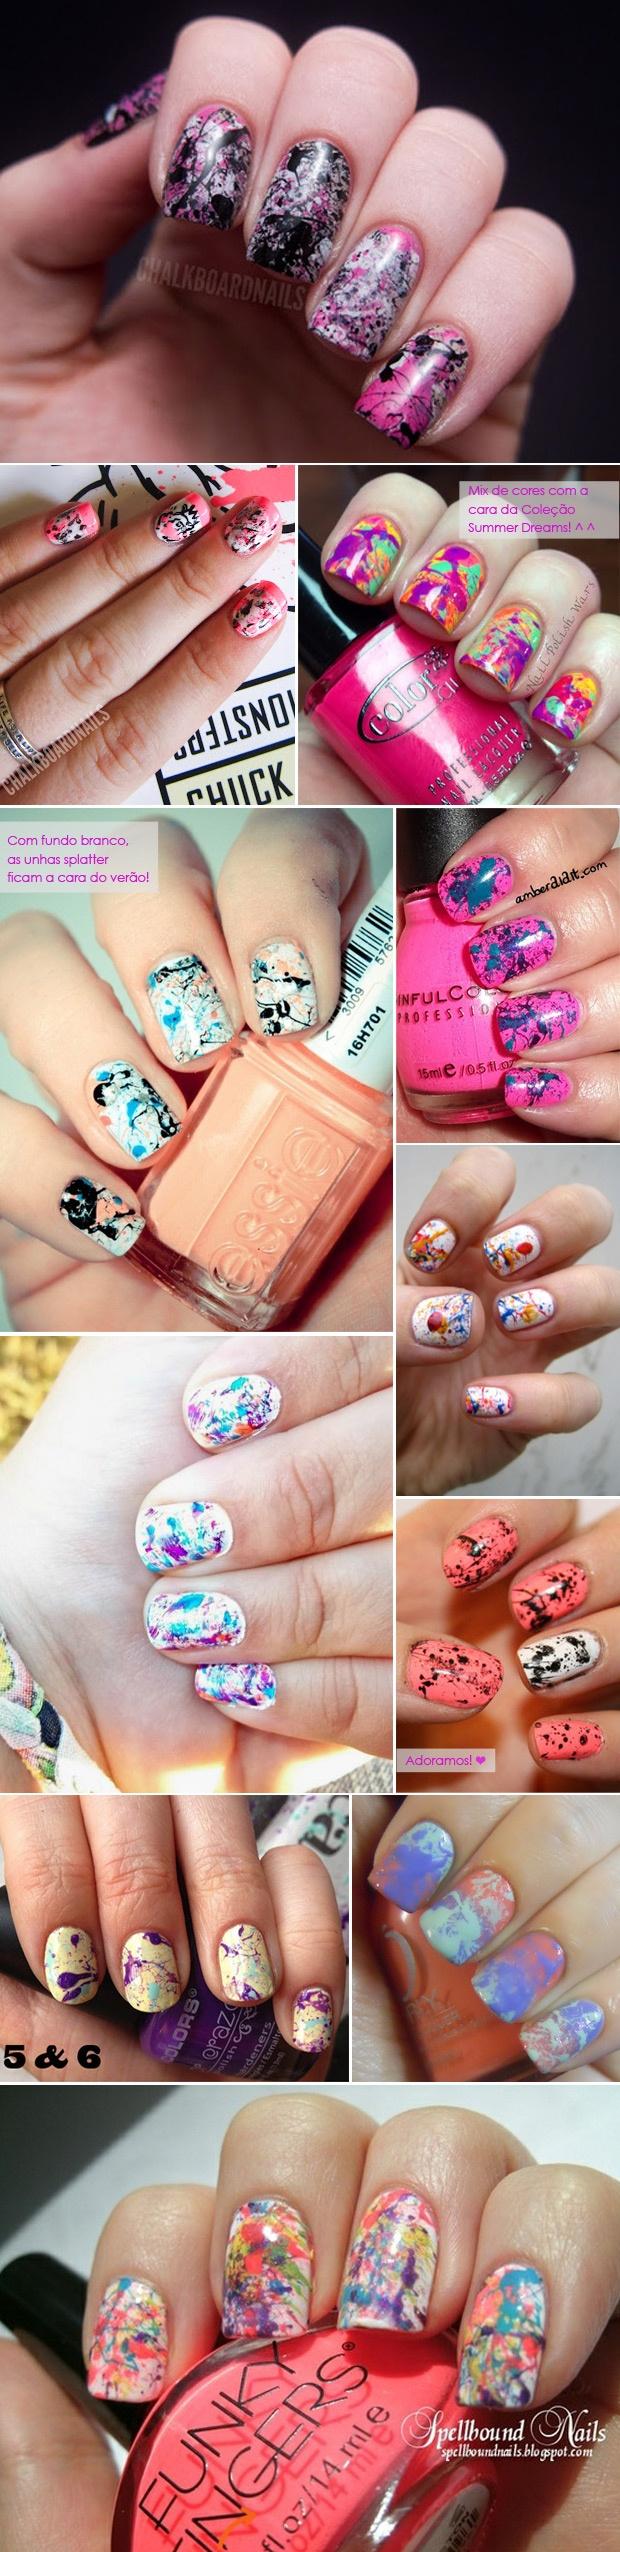 Splatter or hairspray Water Marble  nails. Nail art. Nail design. Polish.